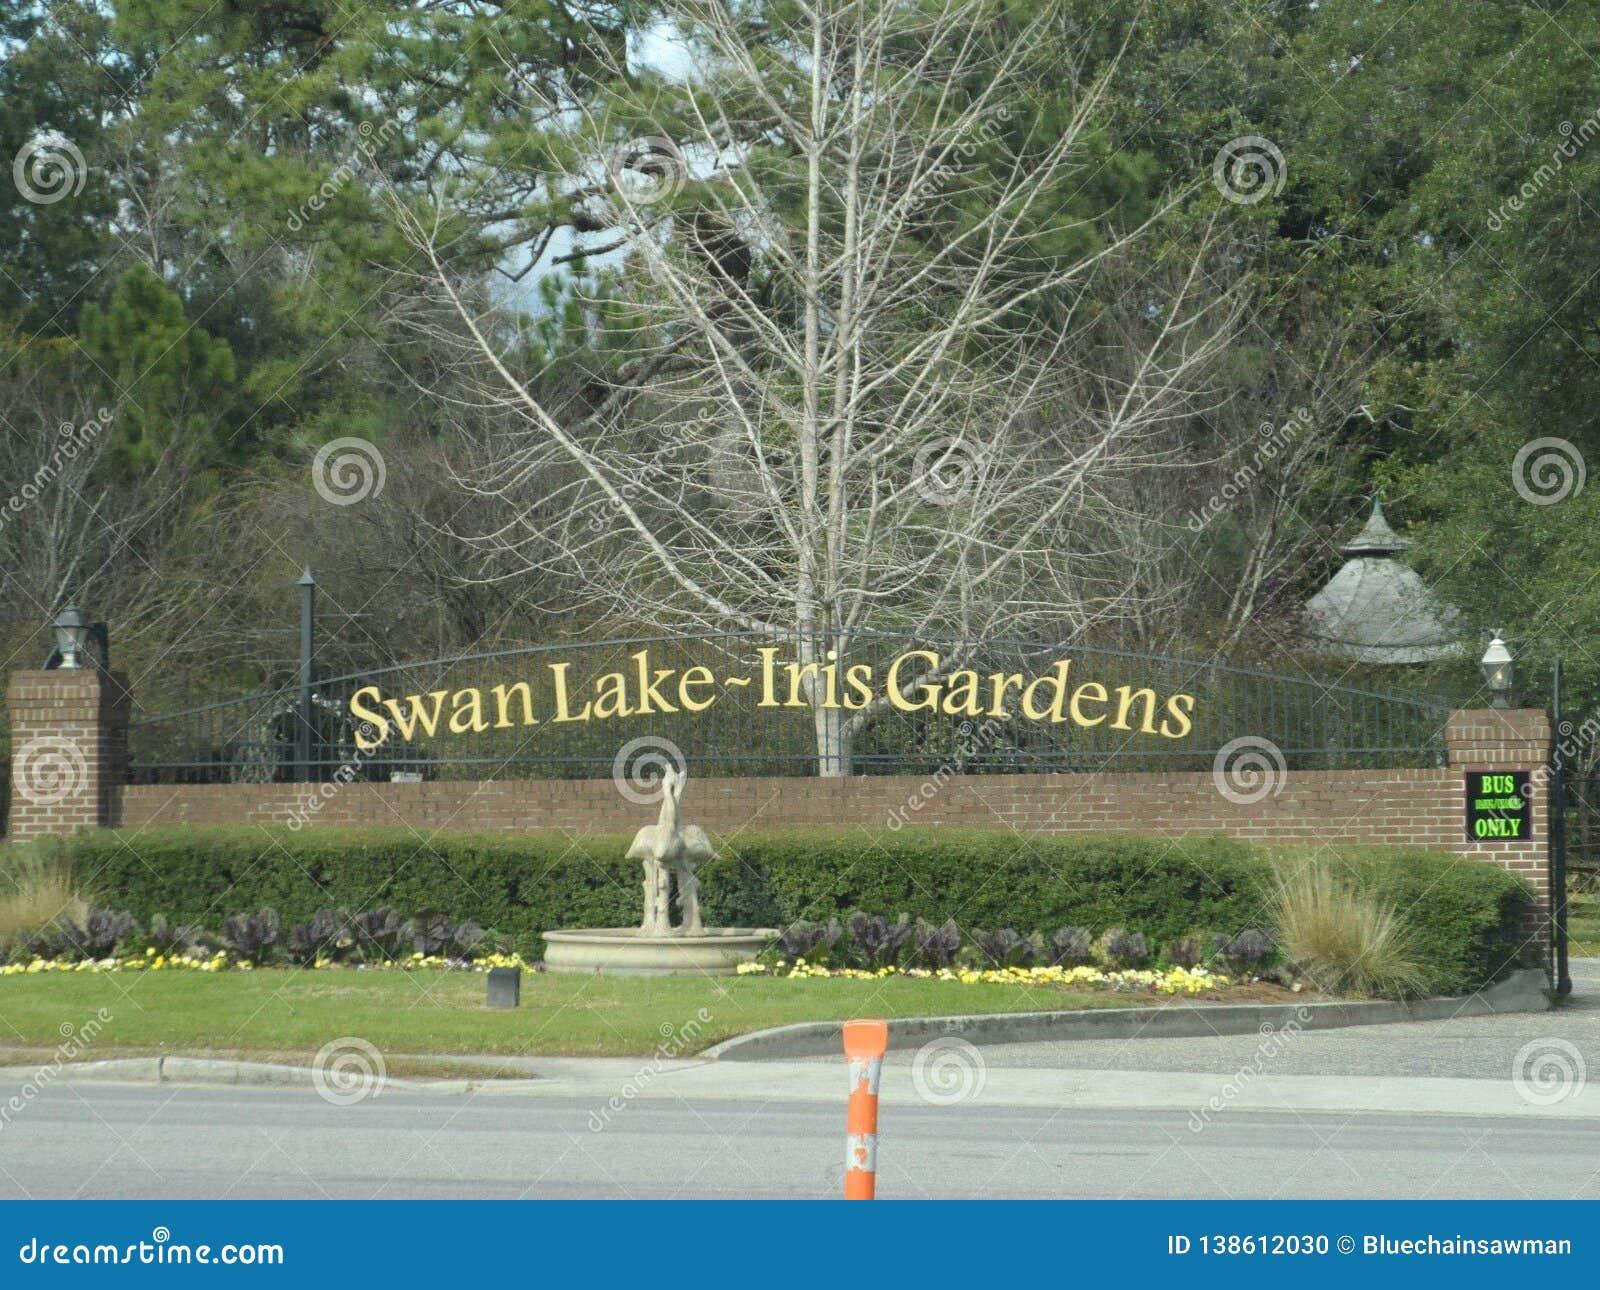 Contrassegno di Iris Gardens del lago swan